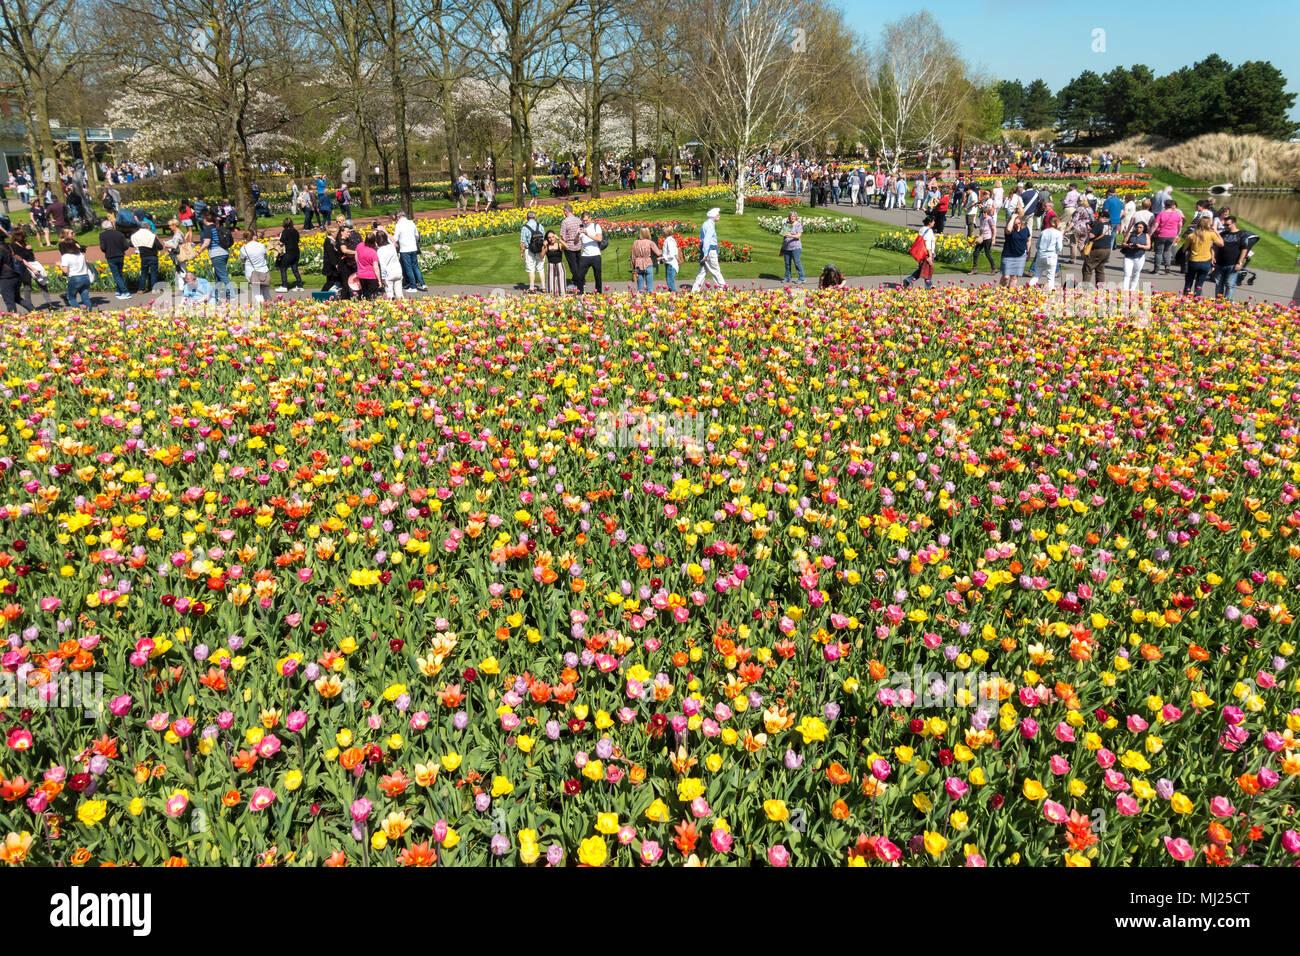 Immagini di giardini fioriti viewinvite co - Immagini di giardini fioriti ...